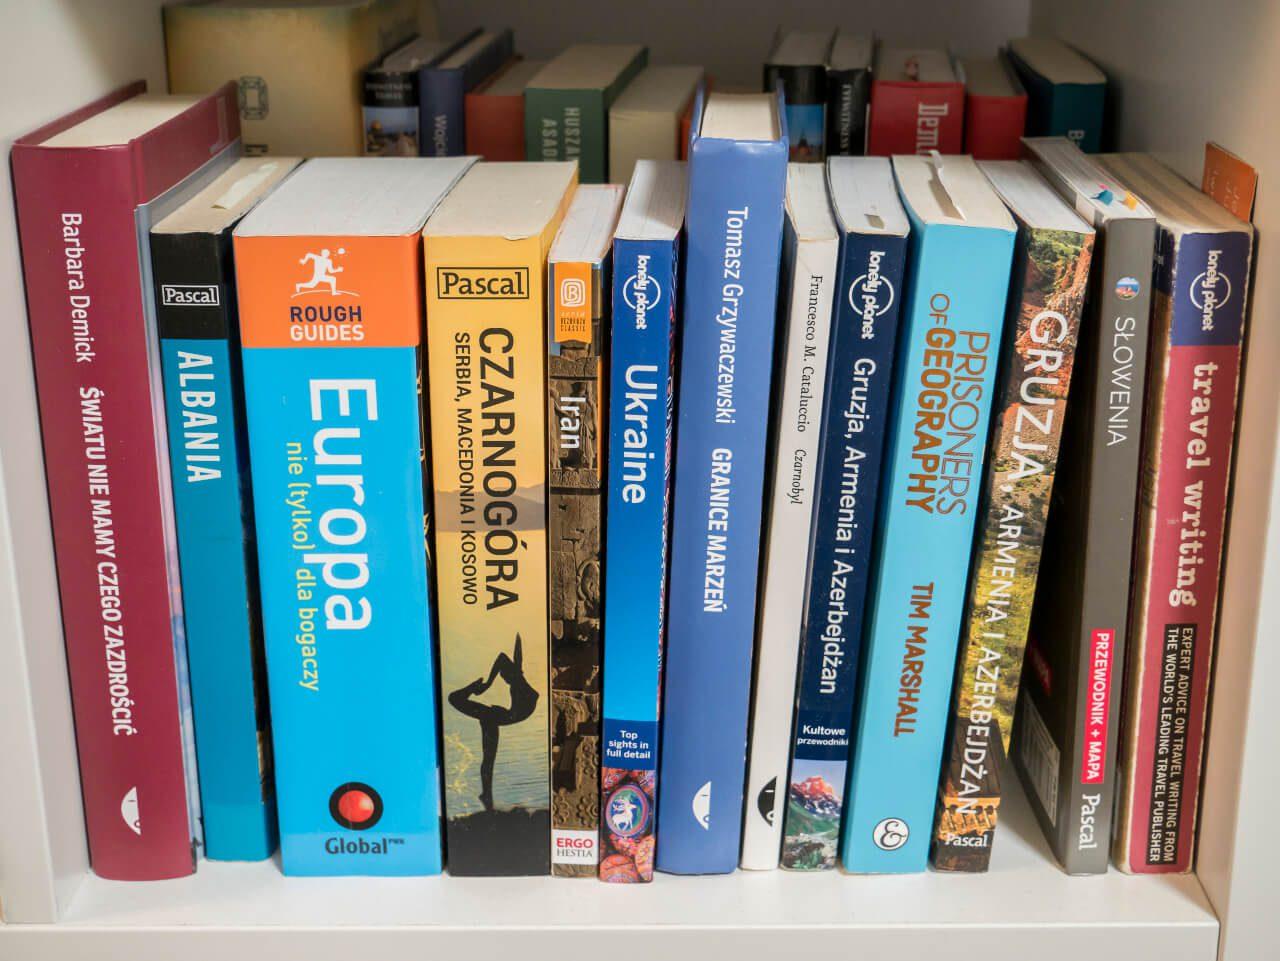 Książki na półce jako prezent dla podróżnika